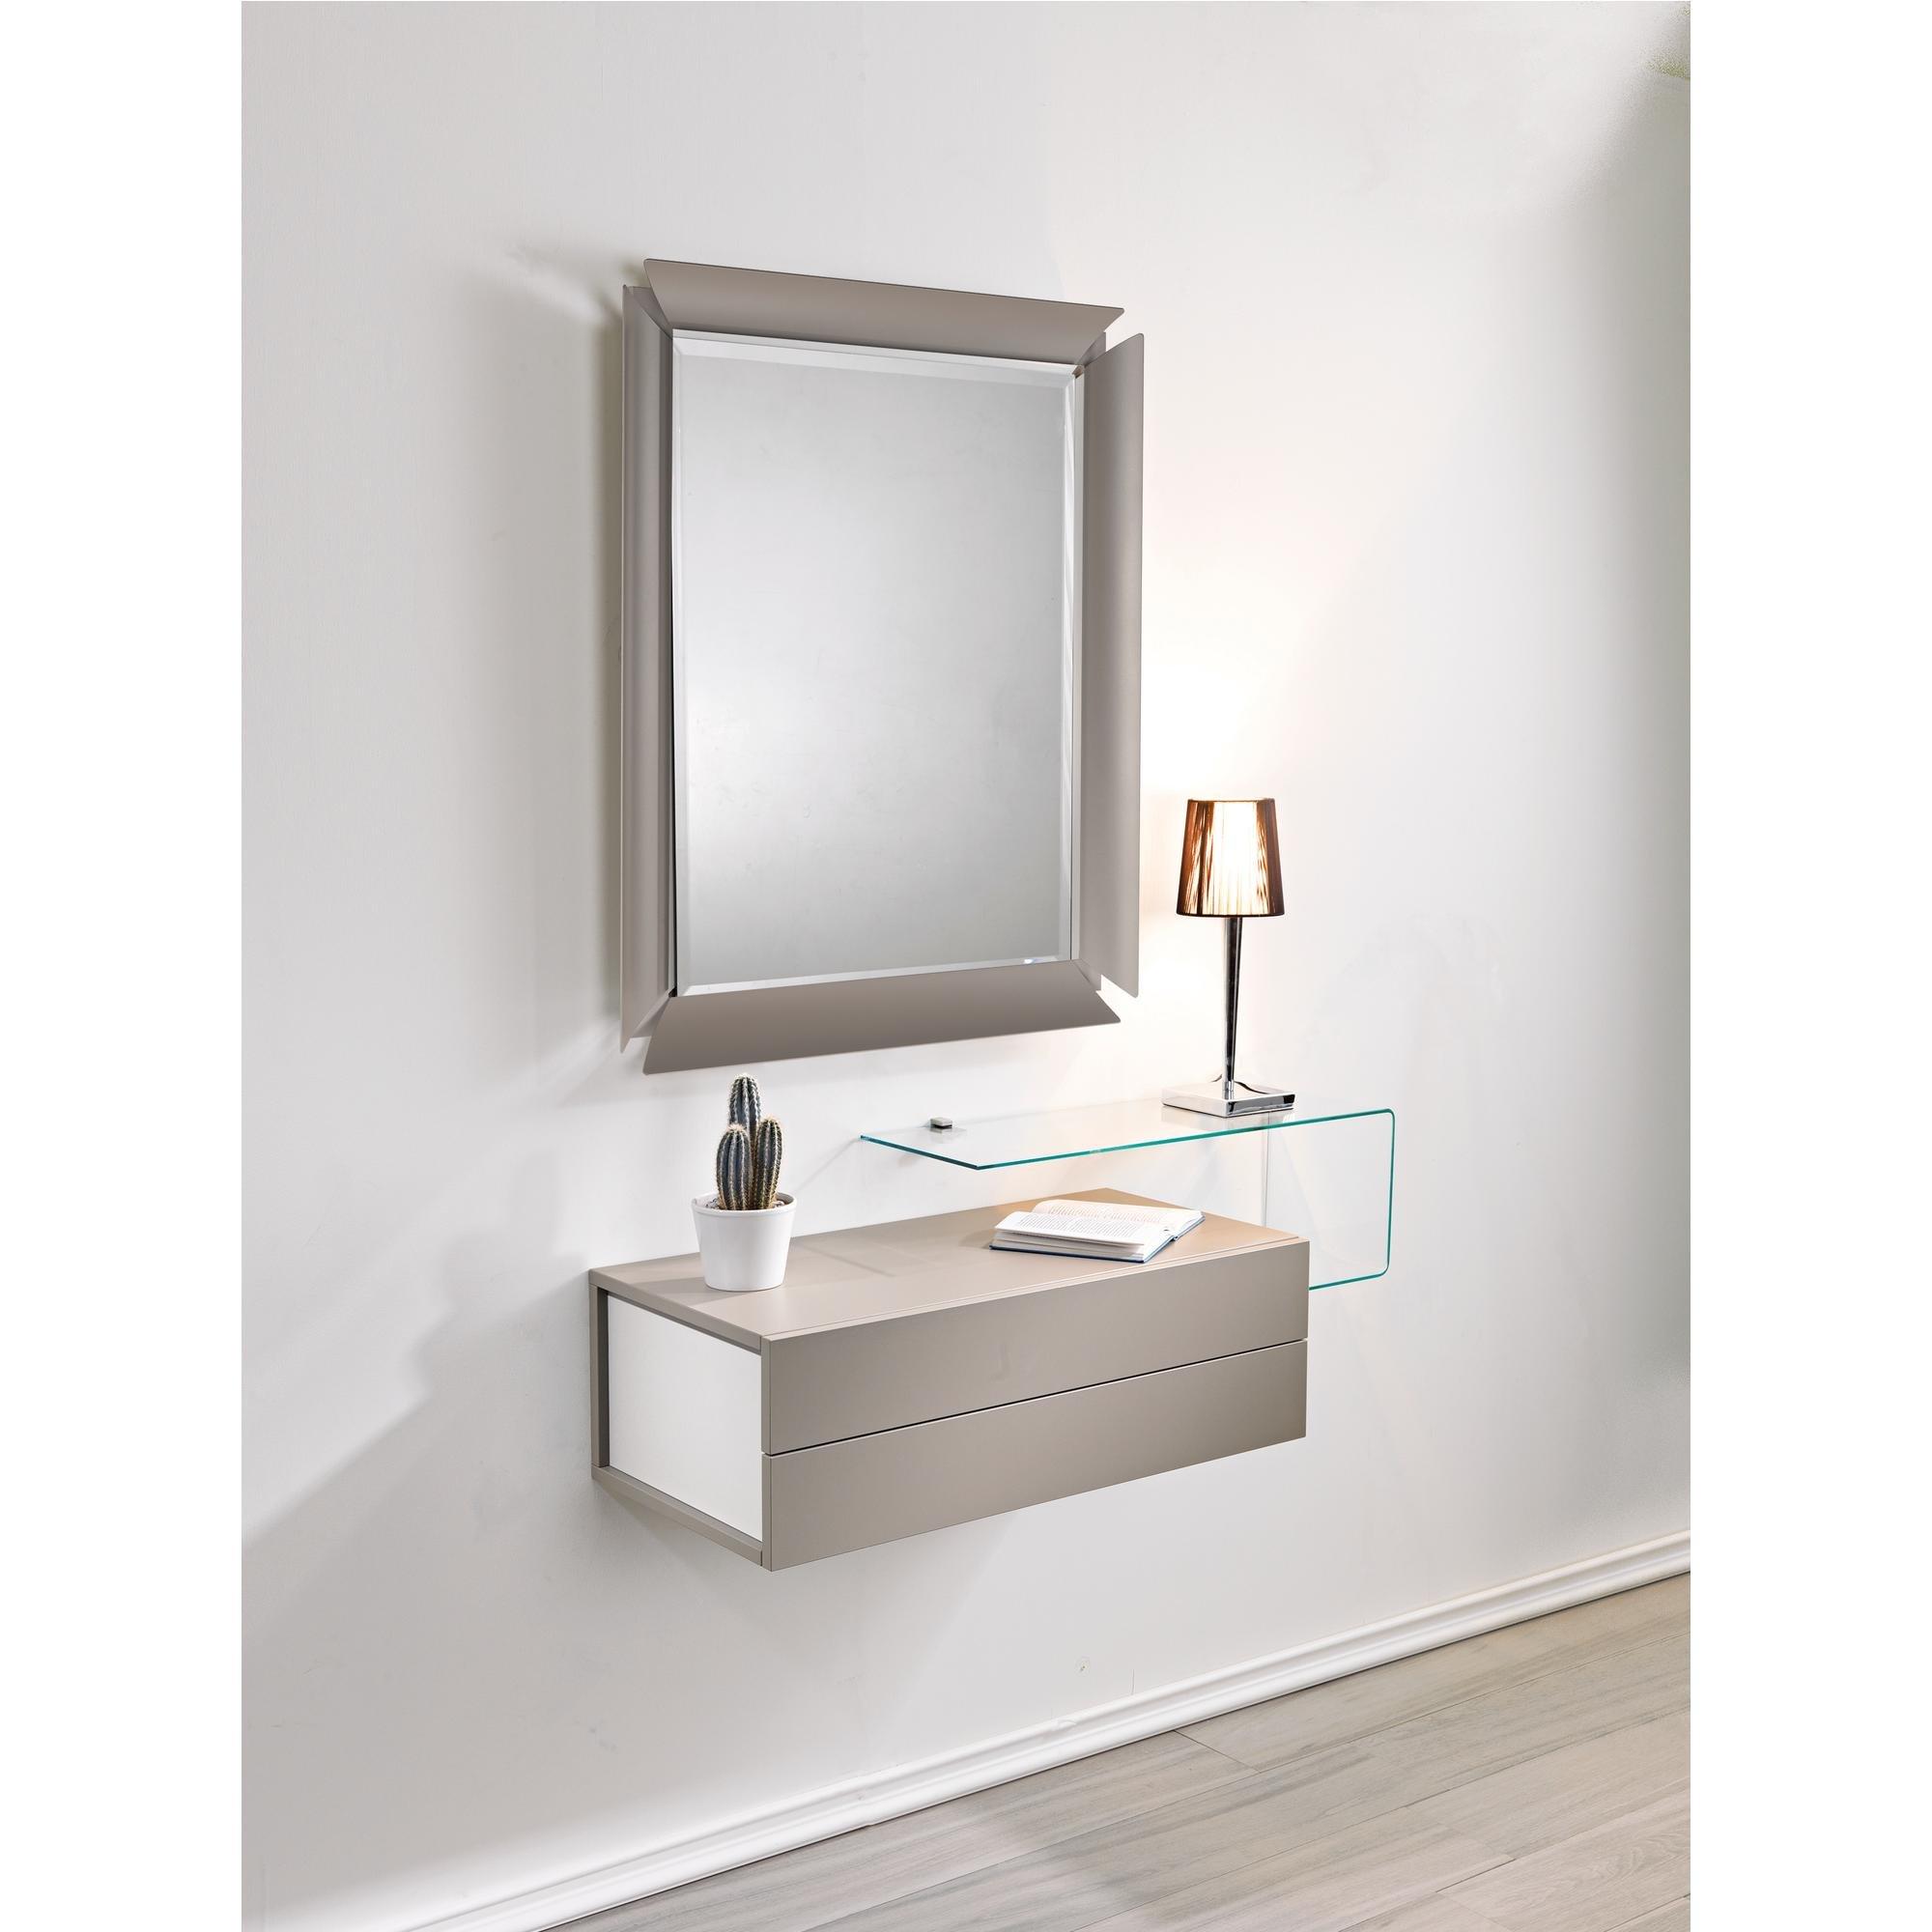 Contenitore modulare per ingresso, zona notte, comp 1 due, specchio mensola cassettiera, contenitore